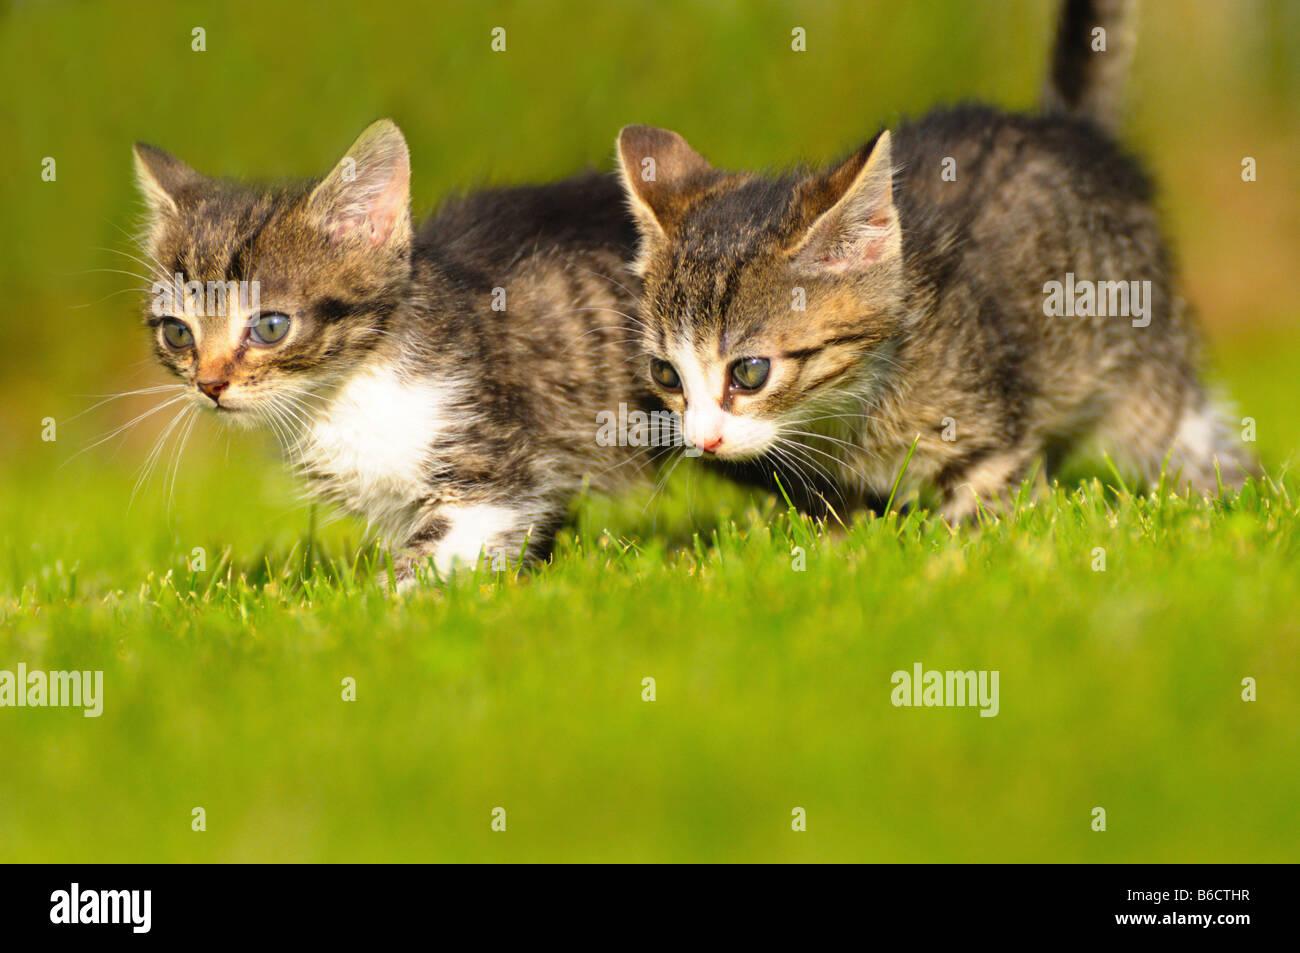 Close-up de dos gatos caminando en césped Imagen De Stock